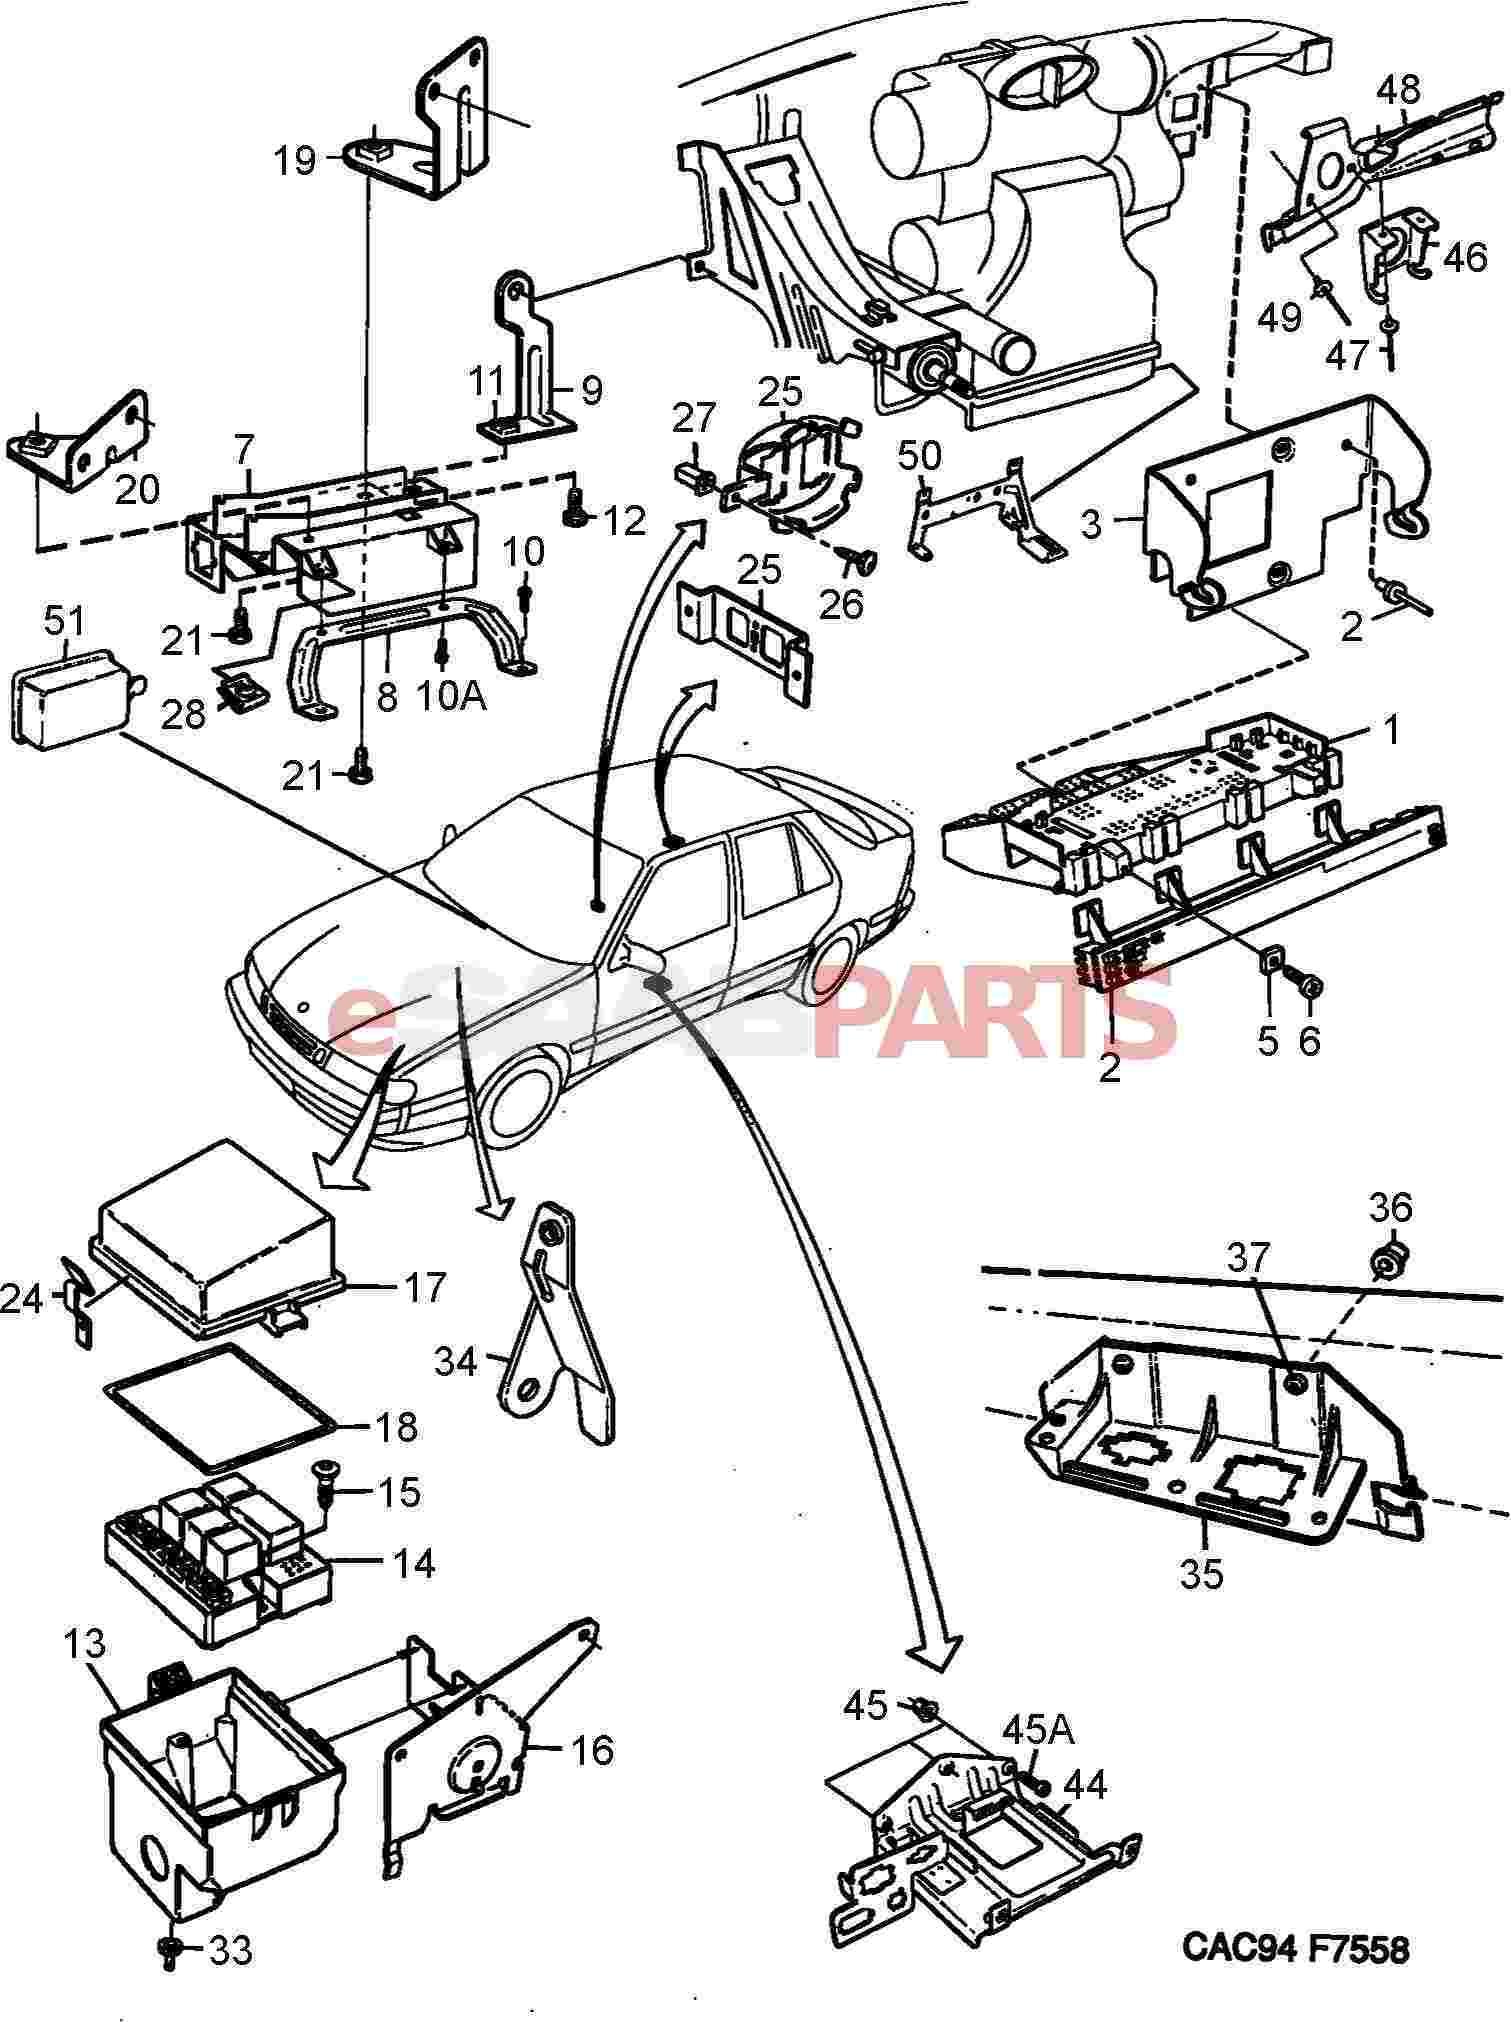 m916 wiring diagram